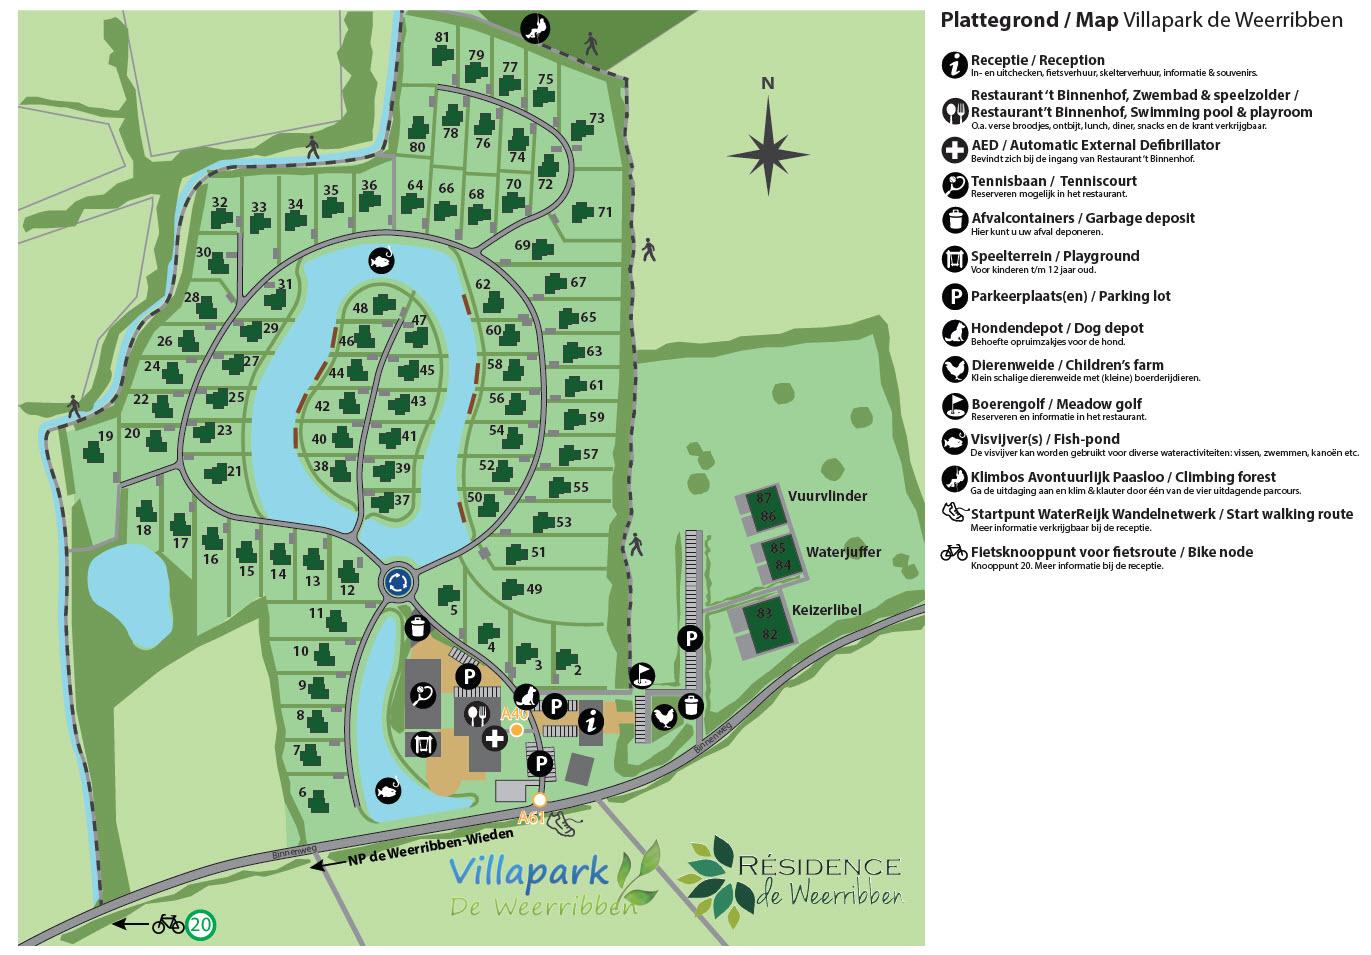 Villapark De Weerribben